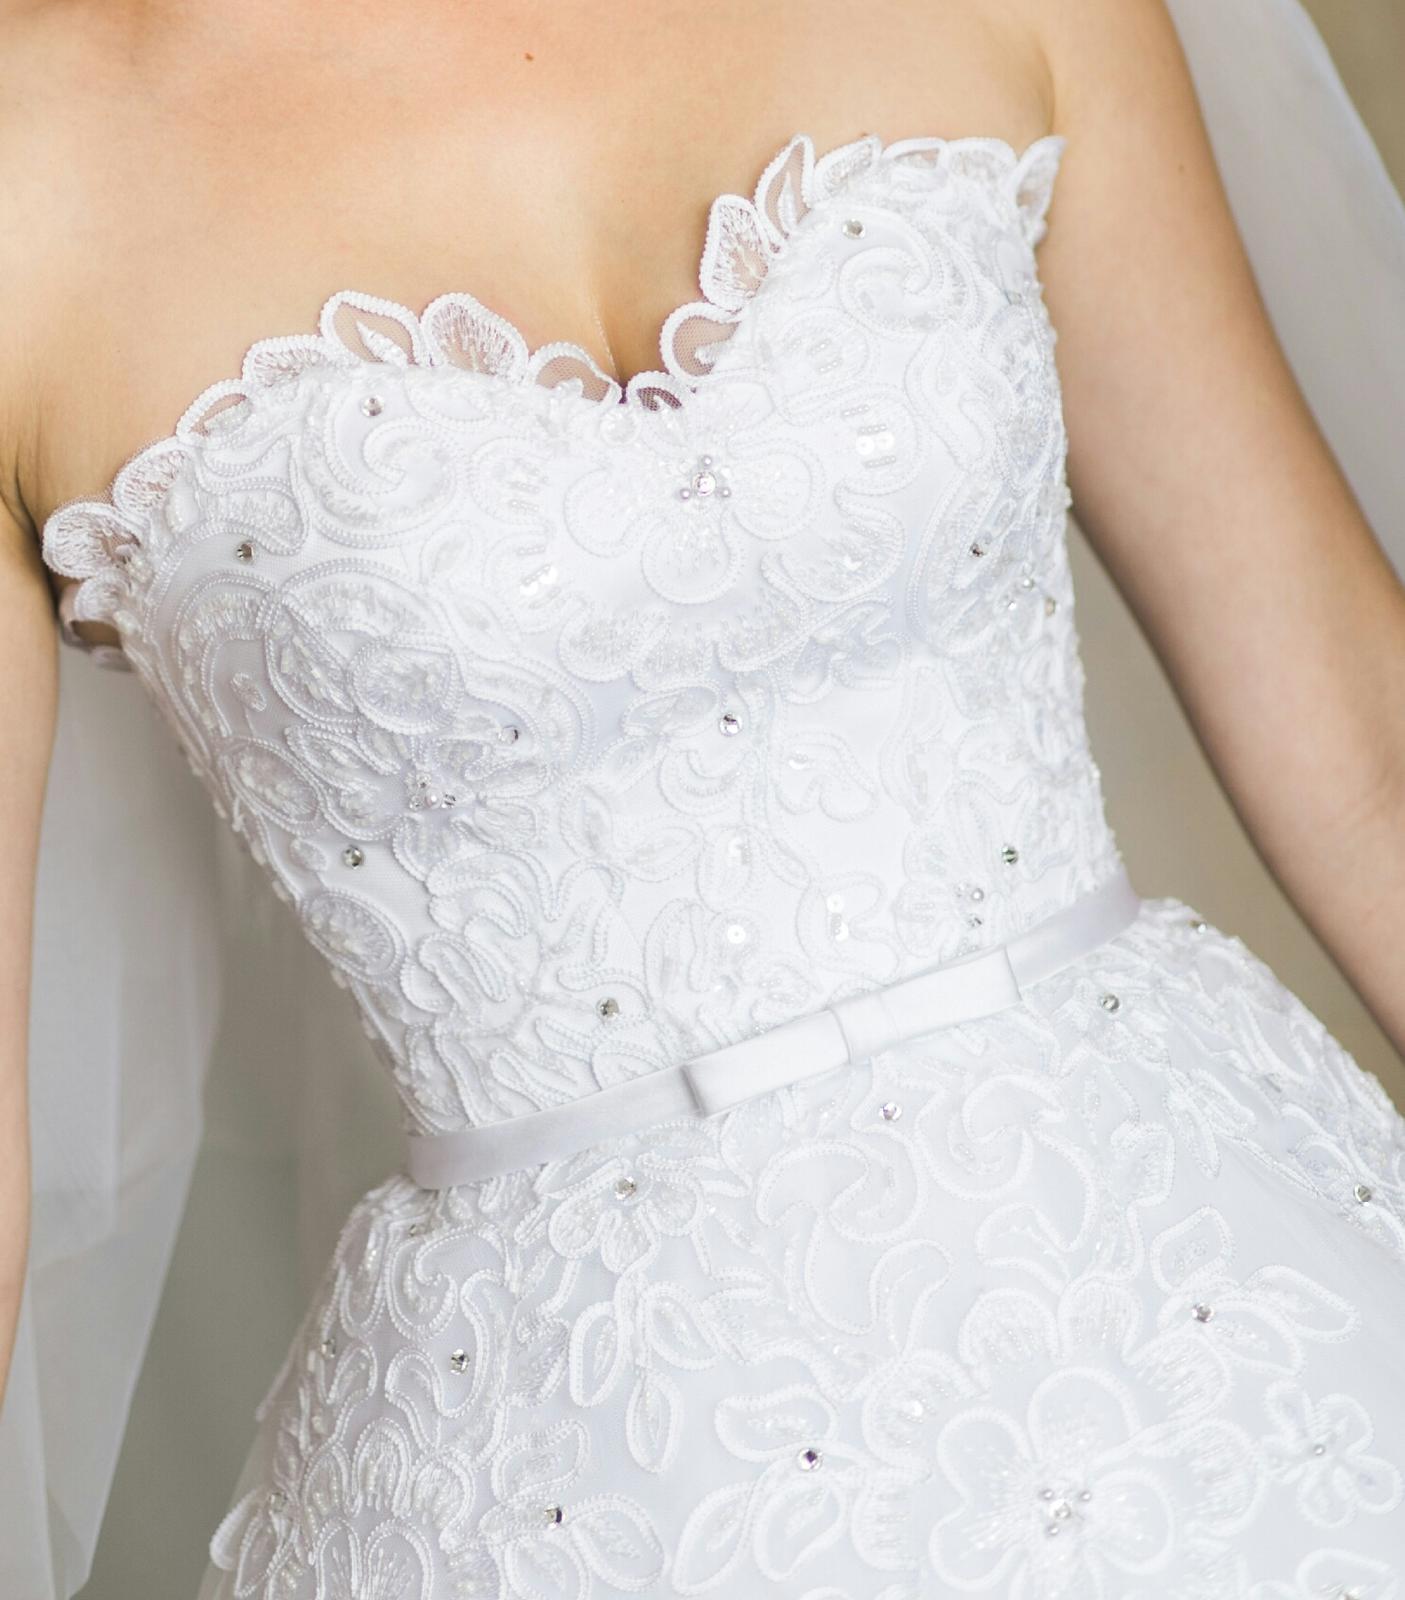 Svadobné šaty 34-36 - Obrázok č. 3